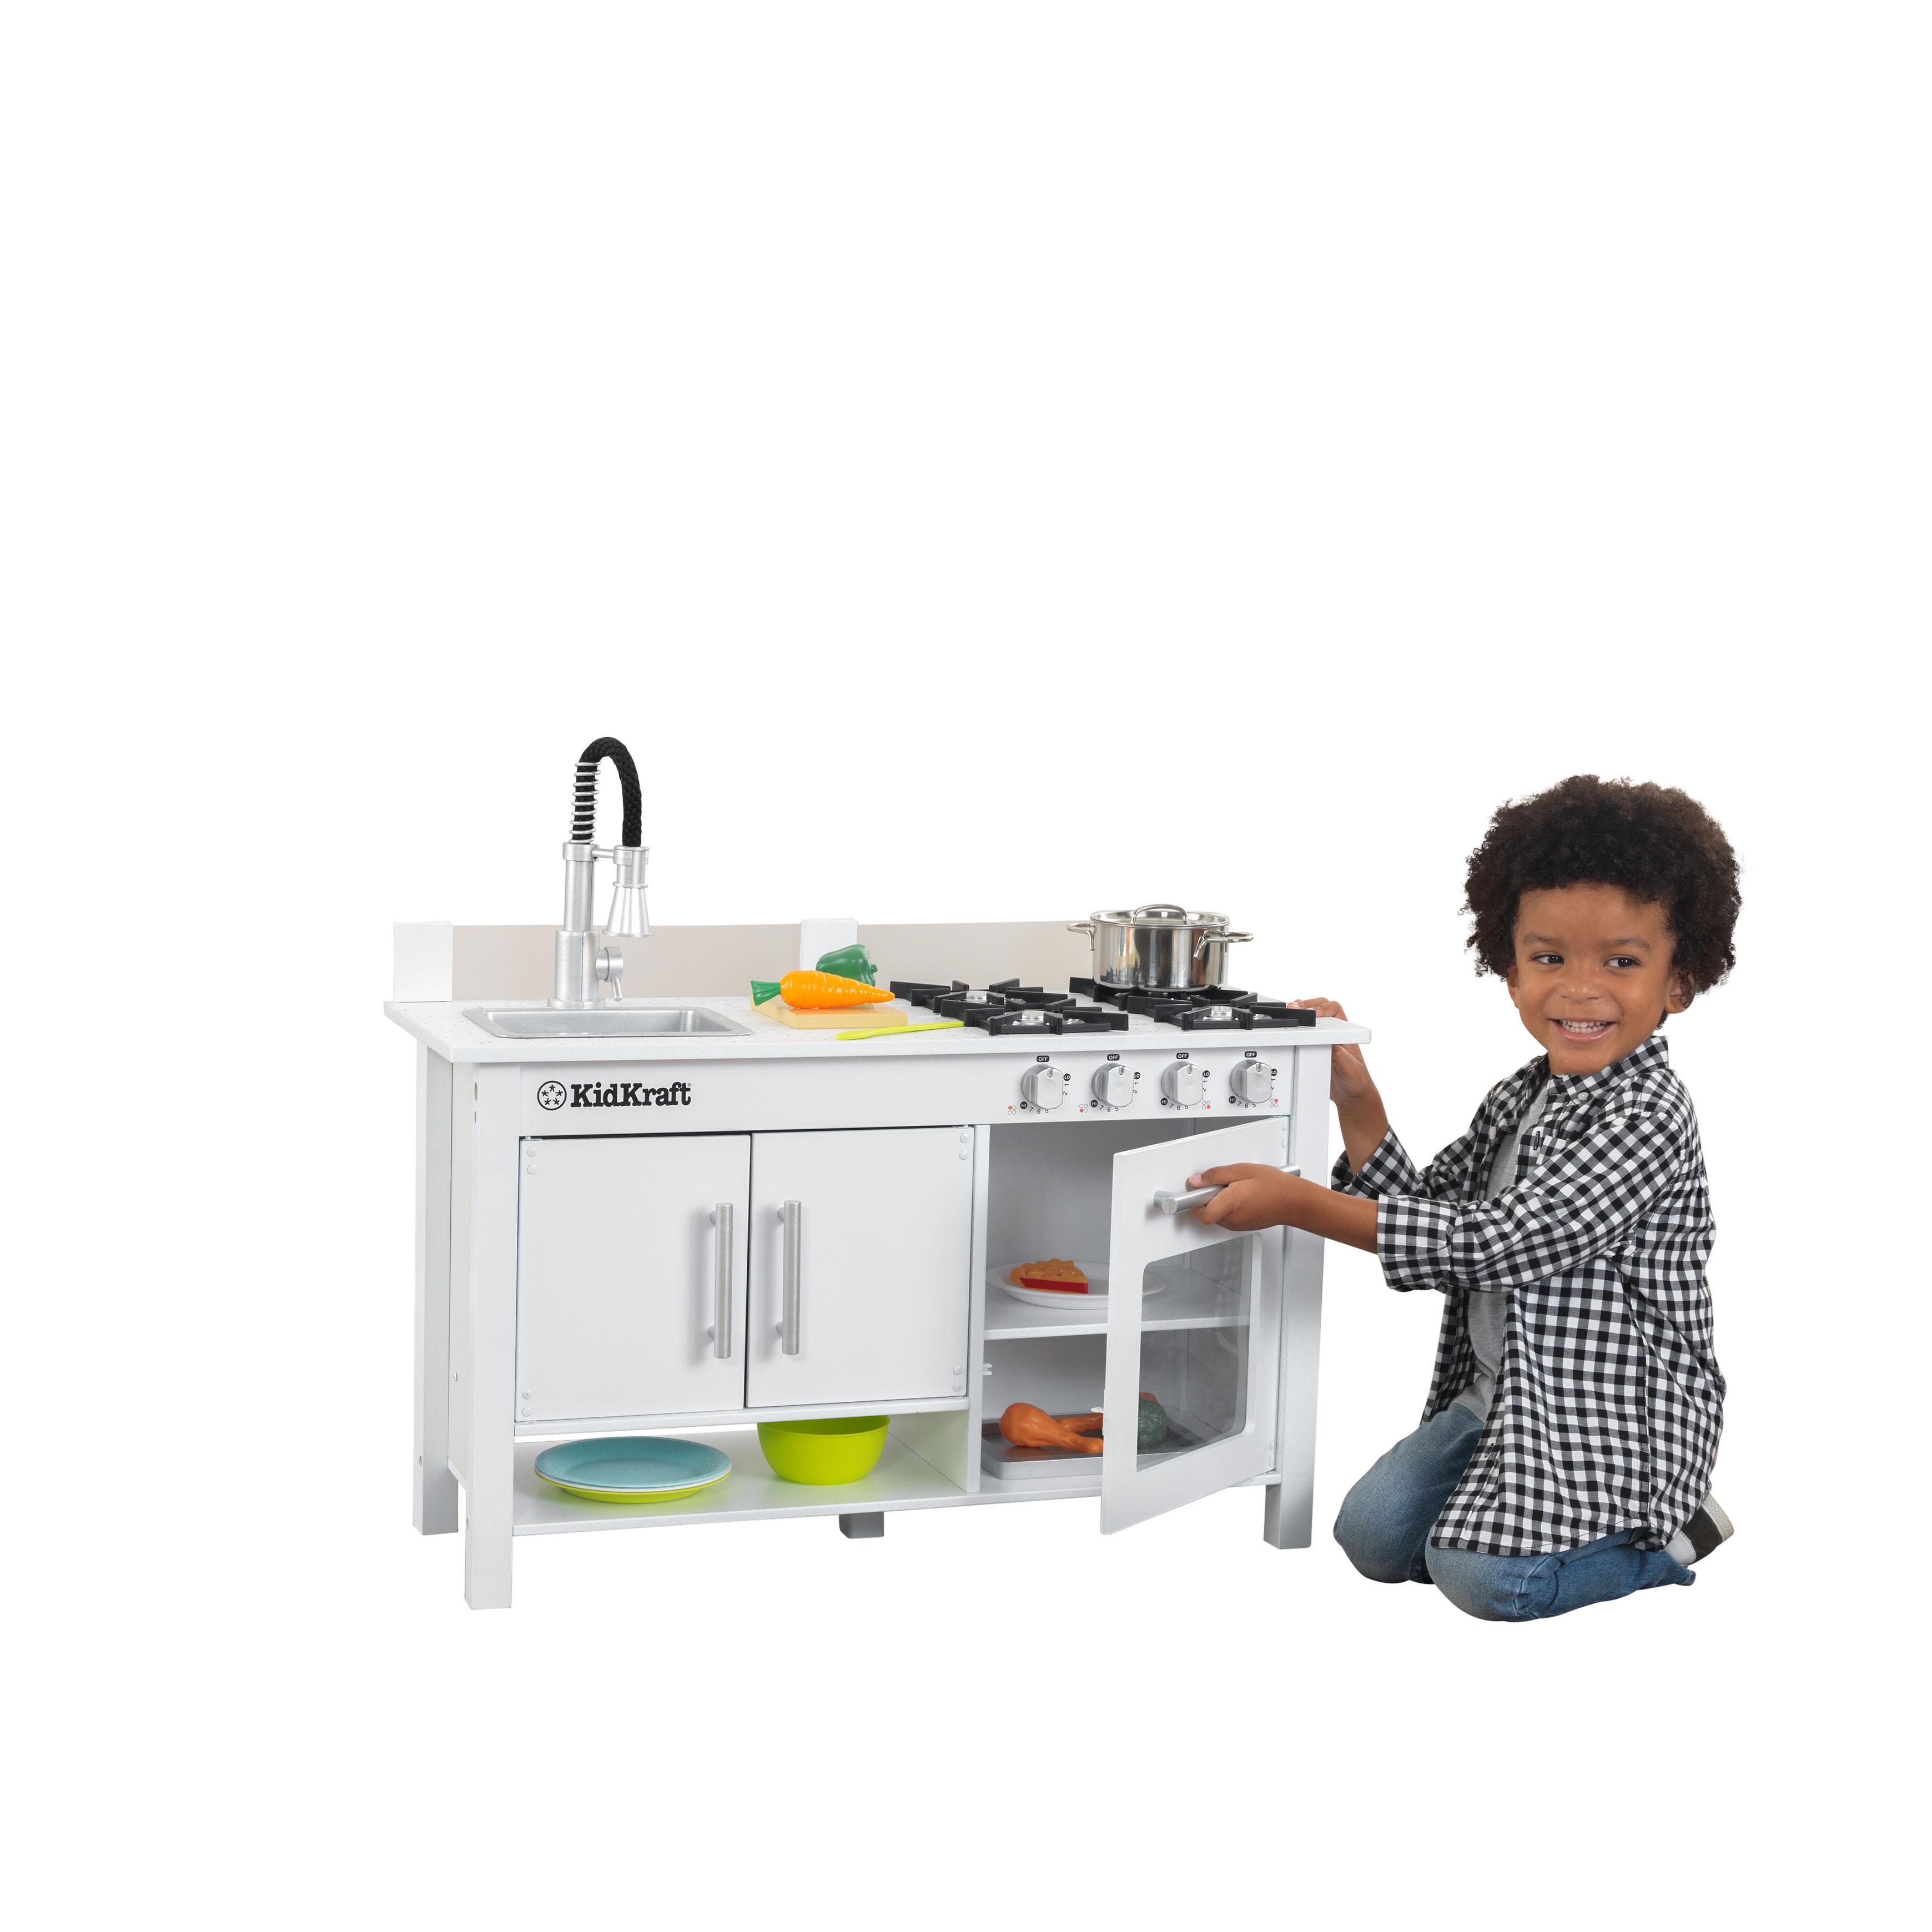 KidKraft Little Cook's Work Station Kitchen by KidKraft